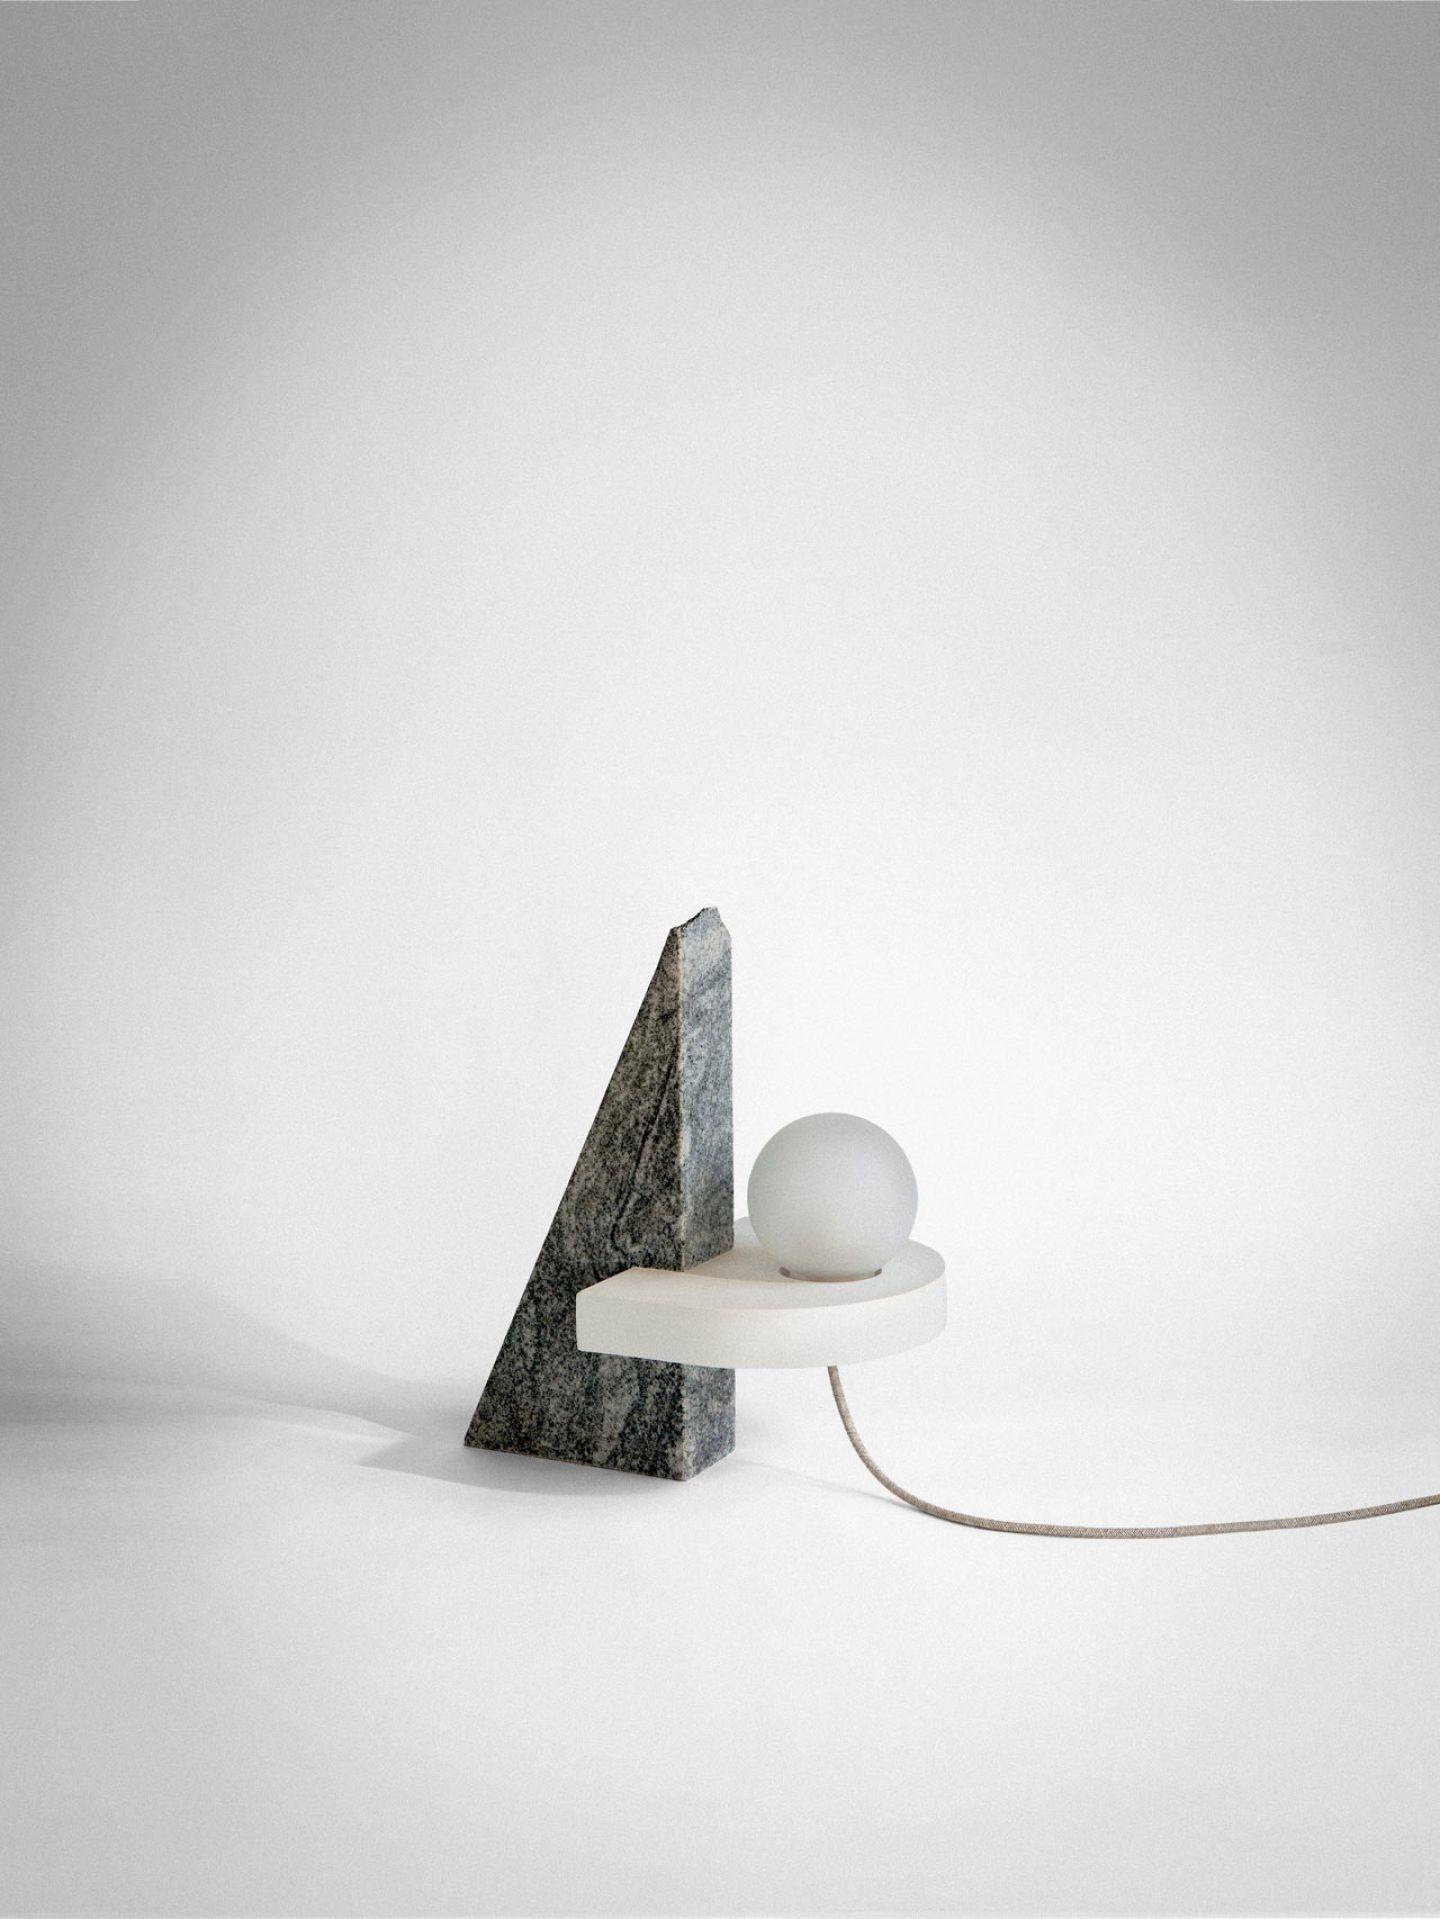 IGNANT-Design-Ossimorri-Studiopepe-4